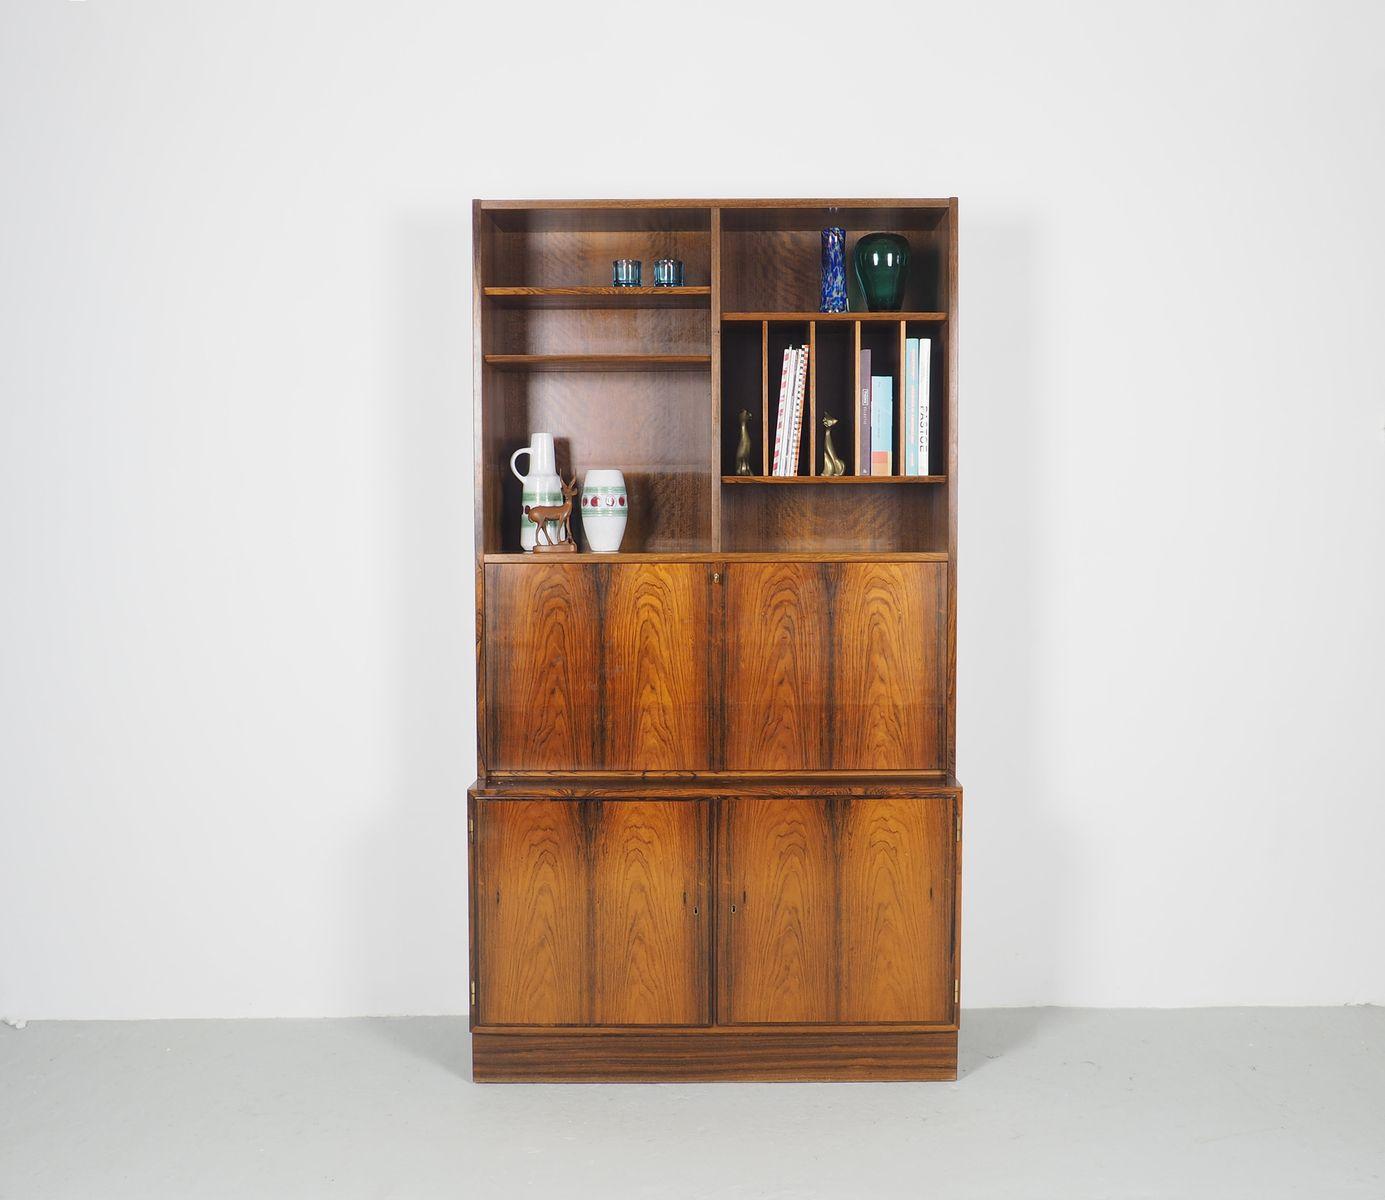 b cherregal mit schreibtisch aus palisander von carlo jensen f r hundevad co 1960er bei. Black Bedroom Furniture Sets. Home Design Ideas